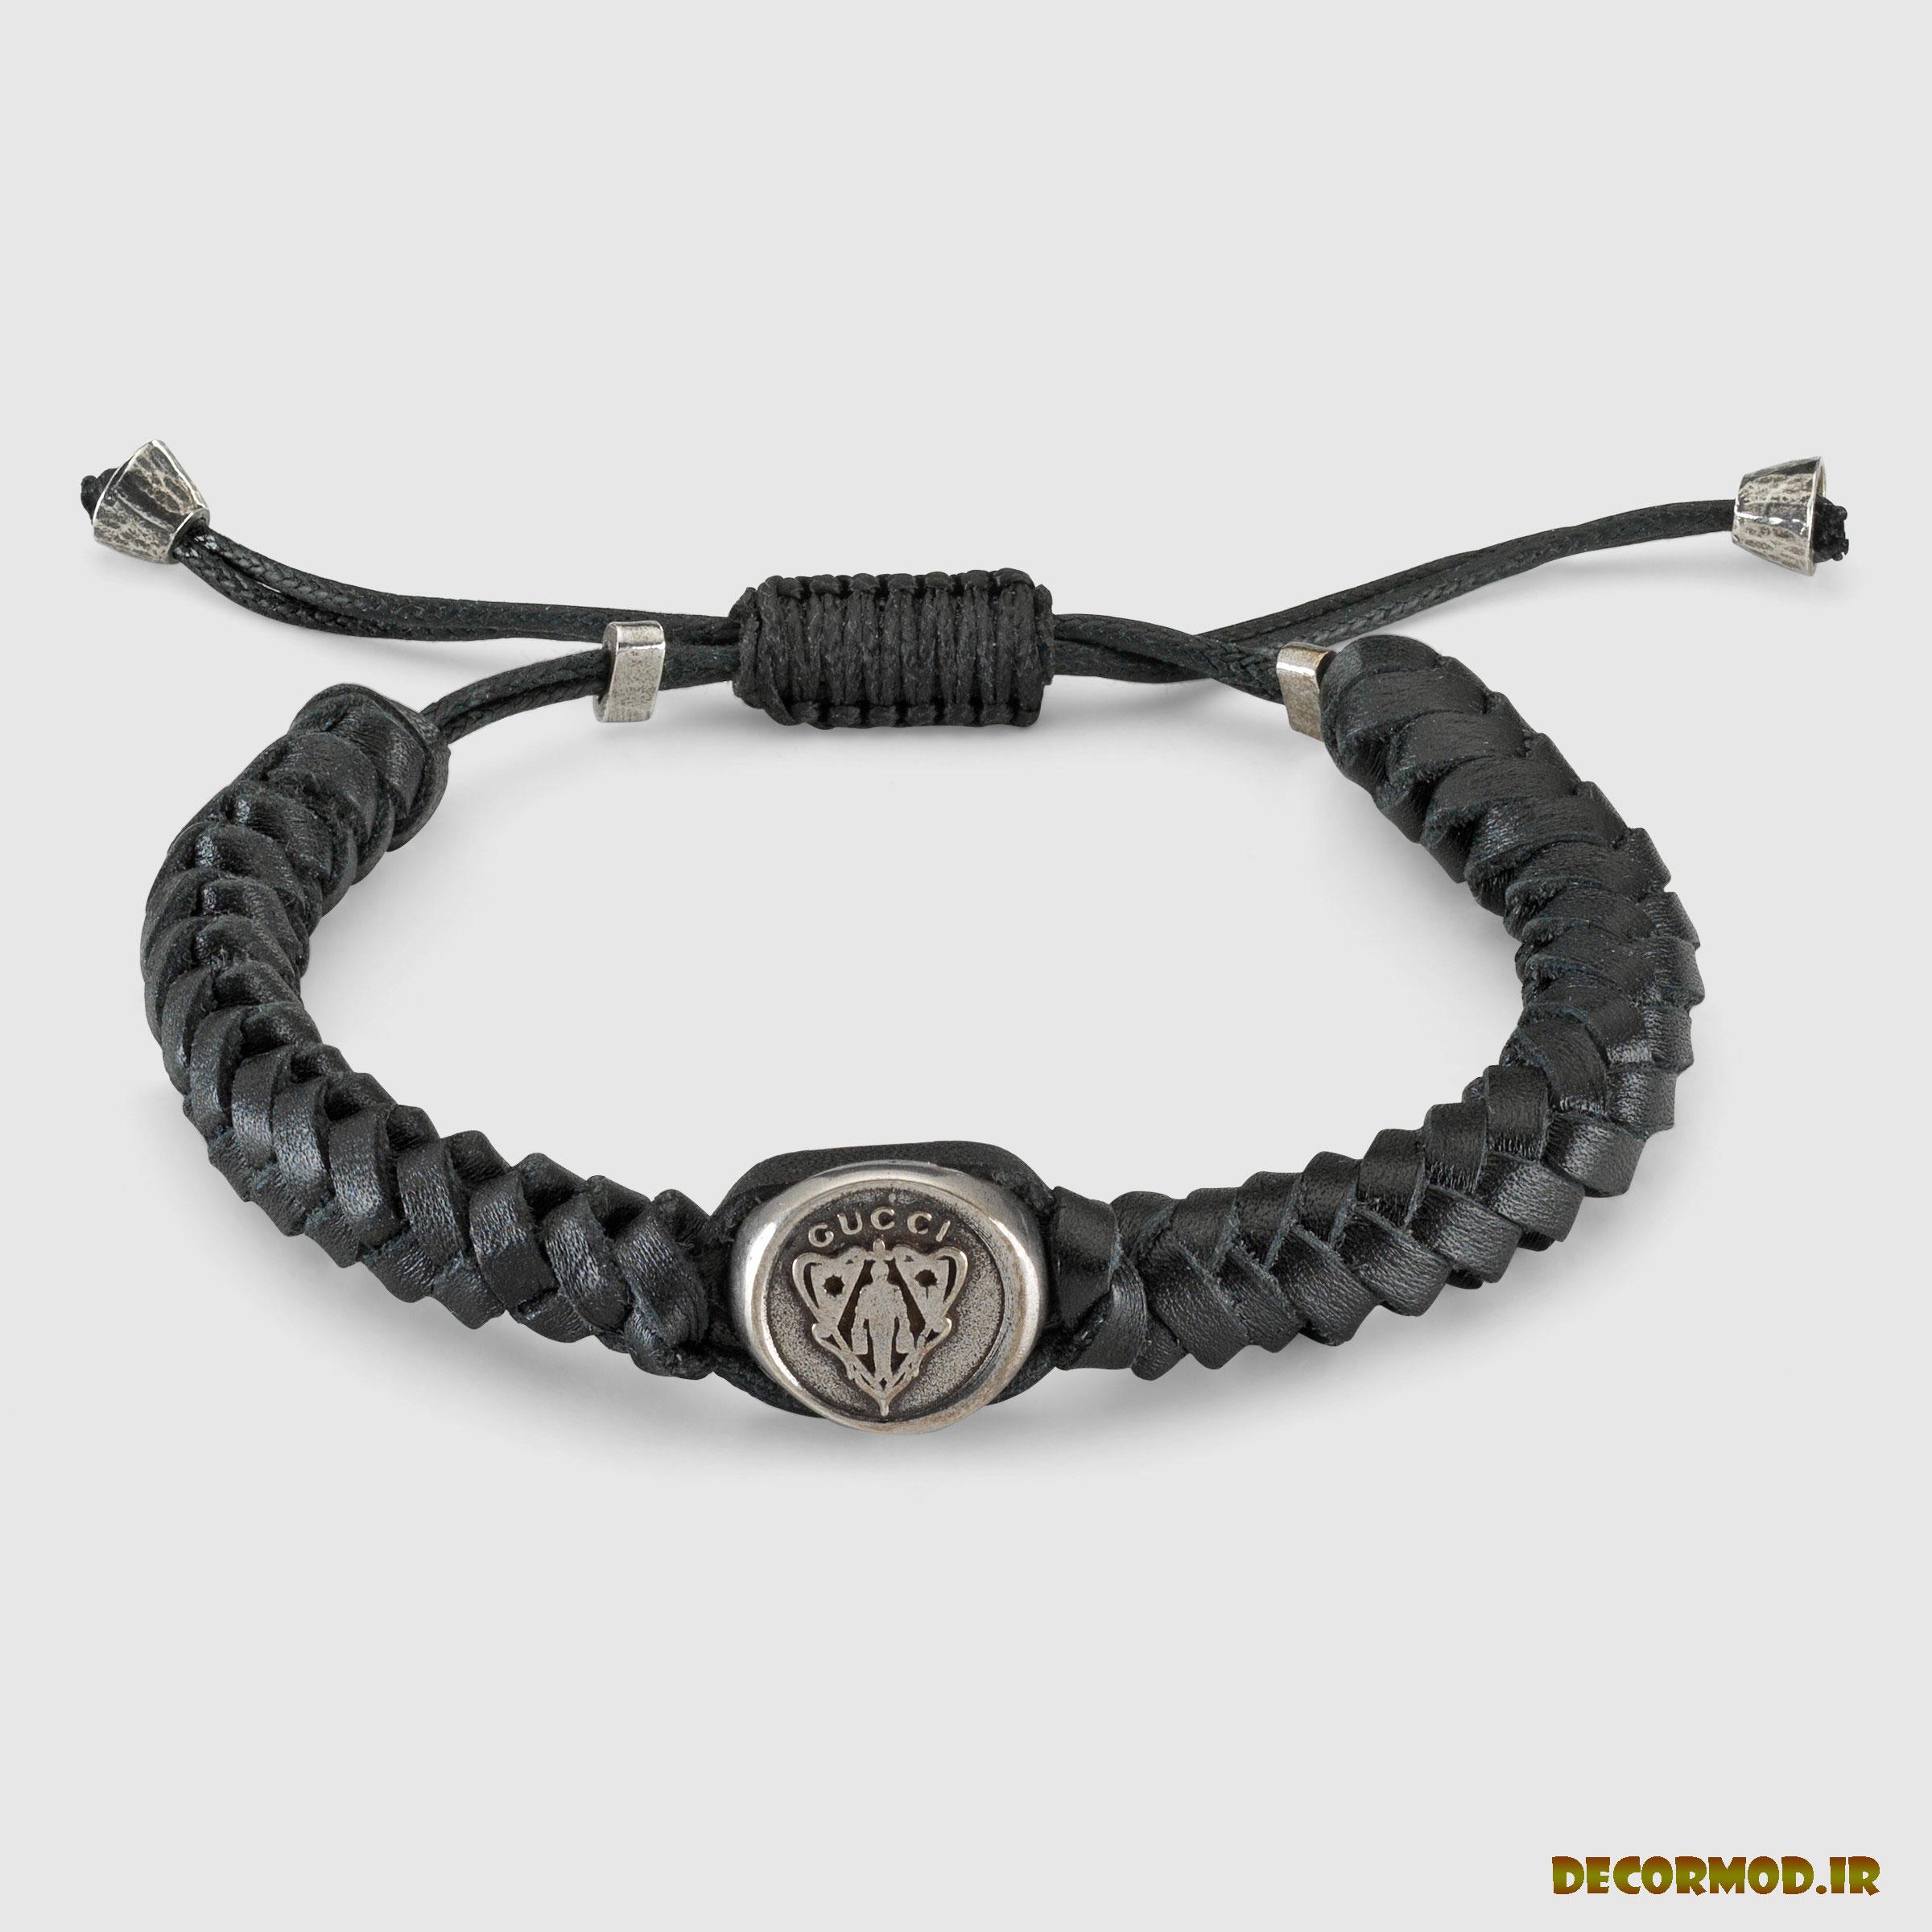 دستبند مردانه اسپرت 656